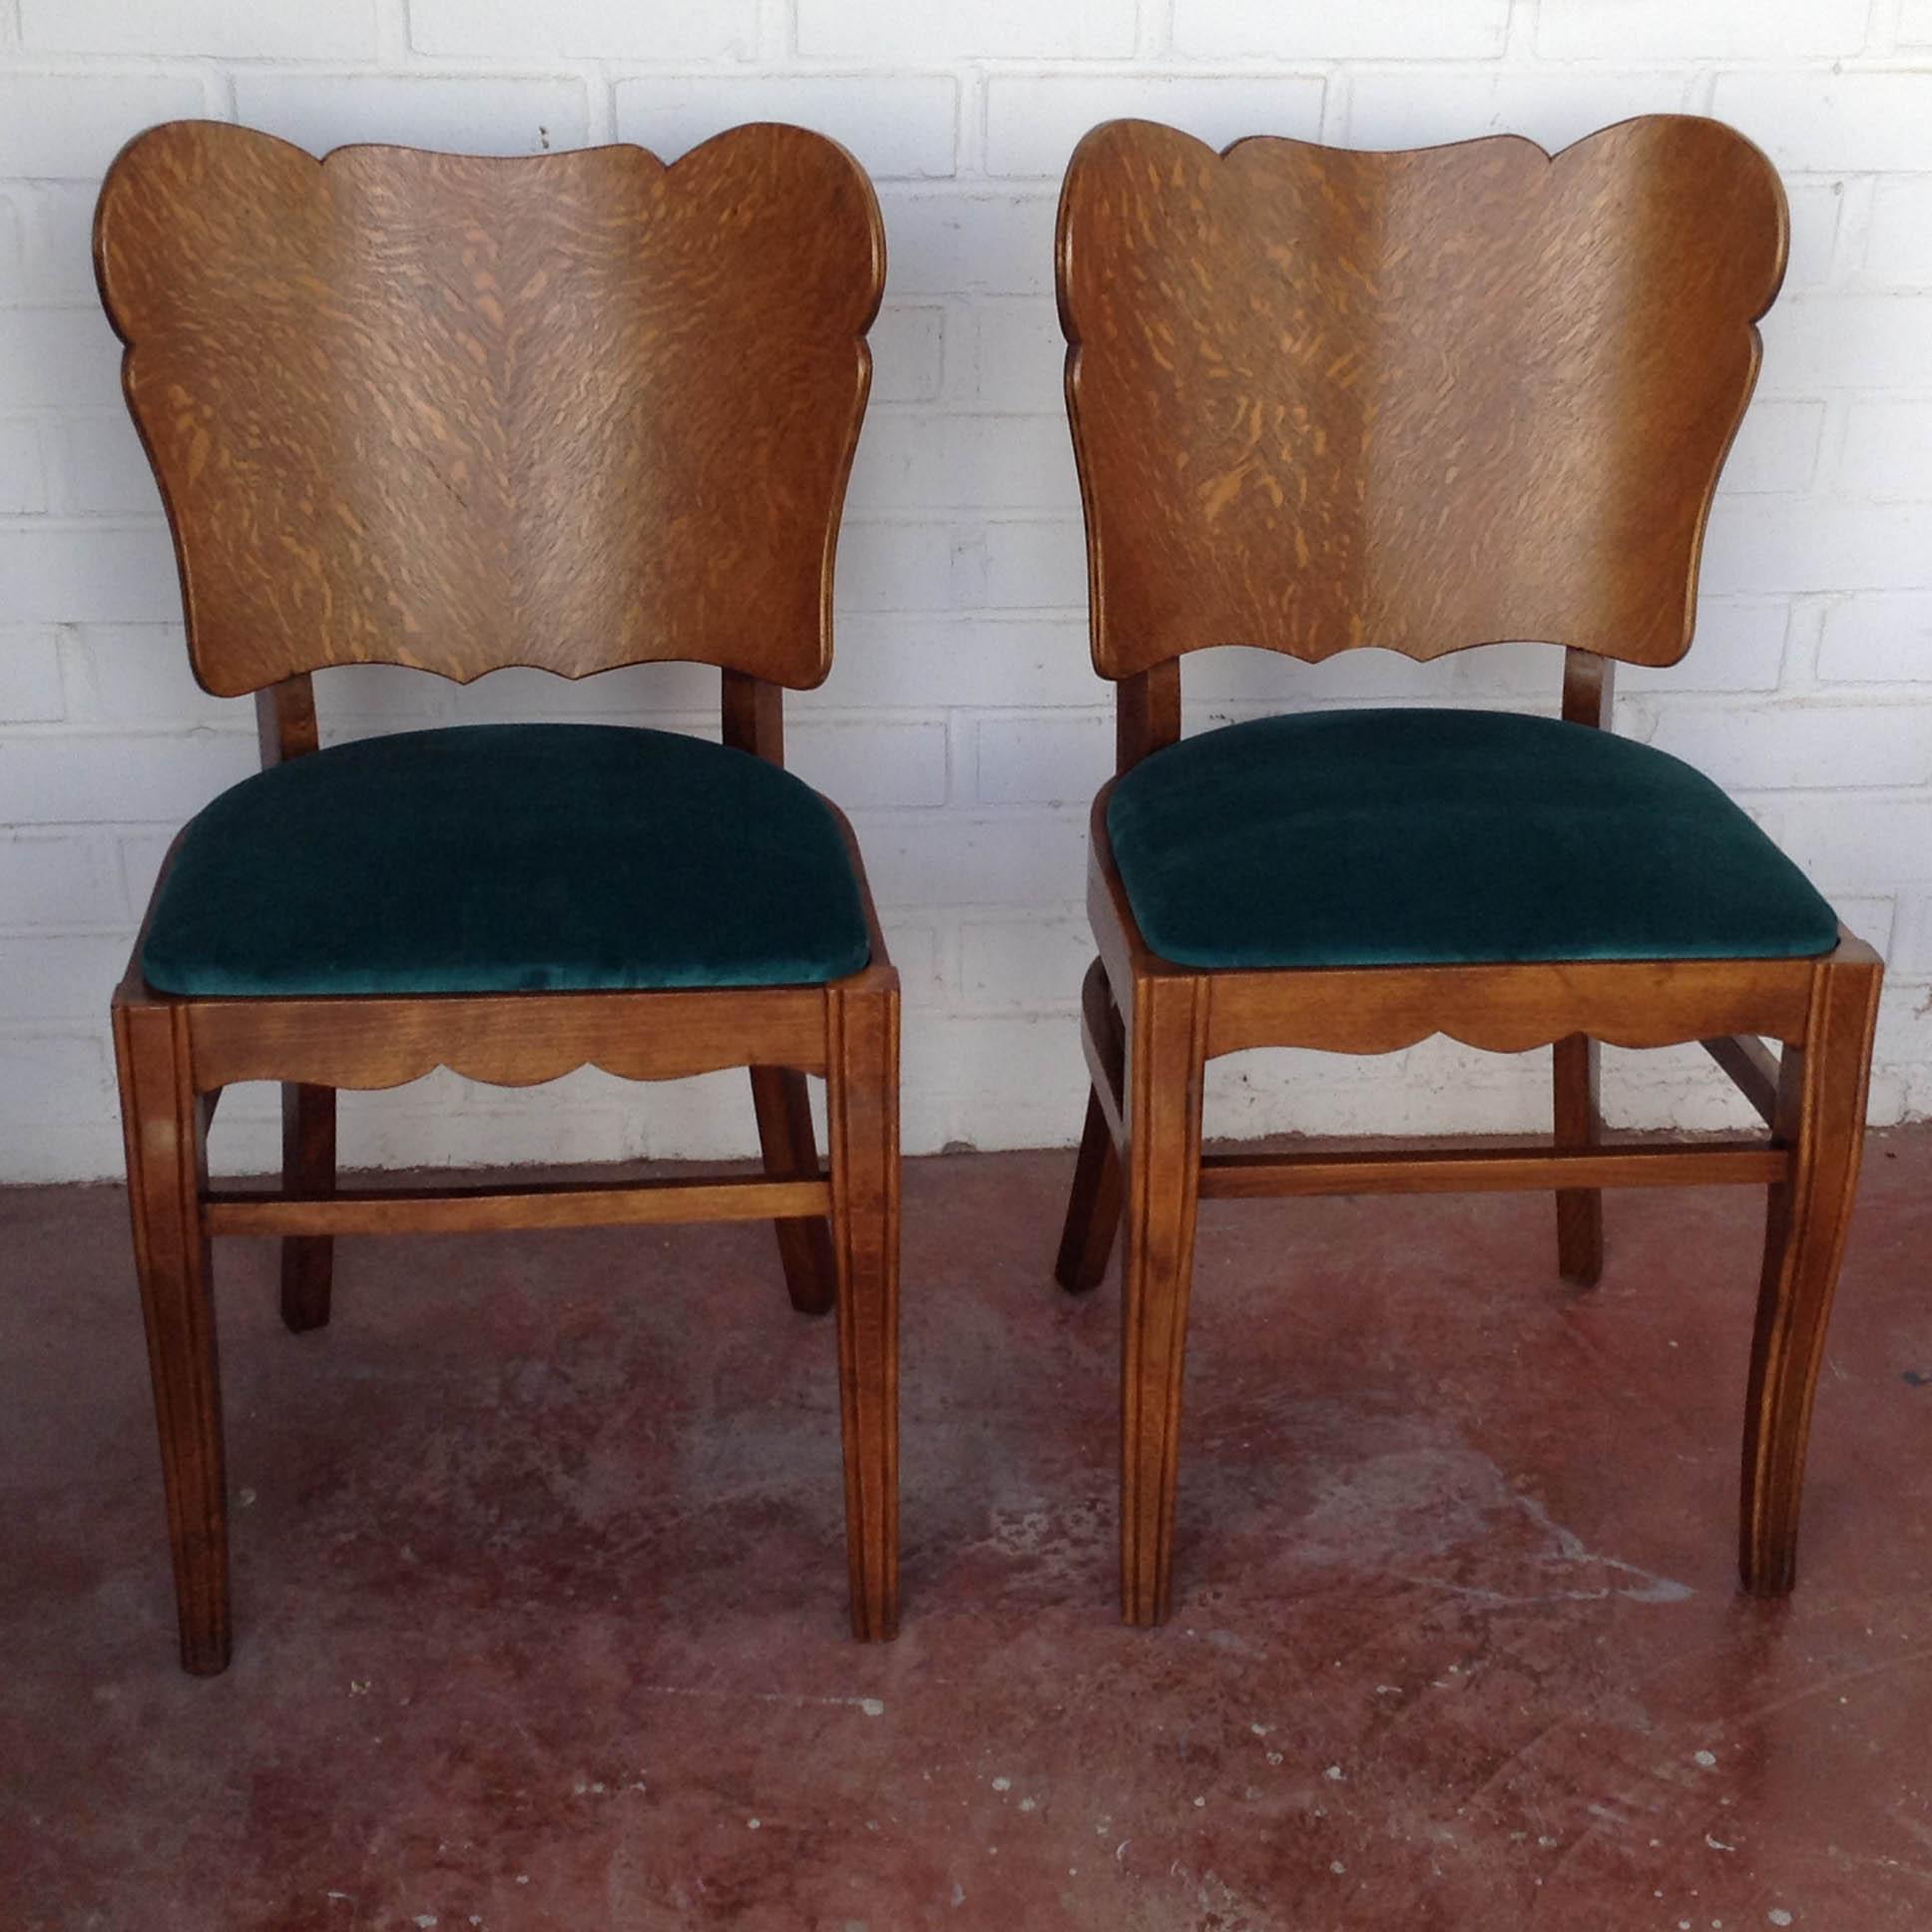 Pareja sillas belgas estilo deco asiento terciopelo algodon verde haya roble vintage antiguas clasicas 1